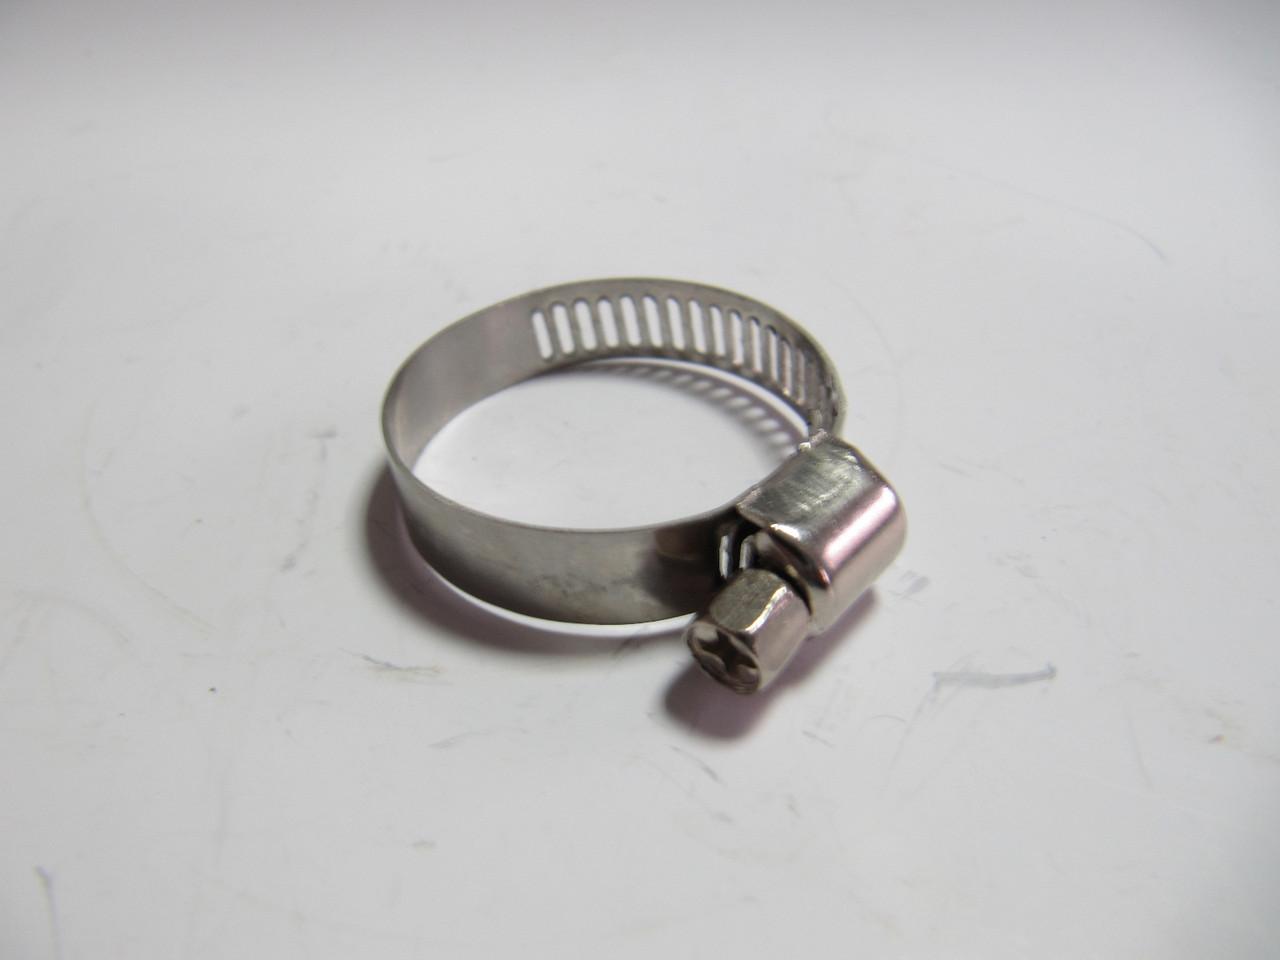 Zollex Хомут черв'ячний сталевий 22-32 мм AT з прорізом